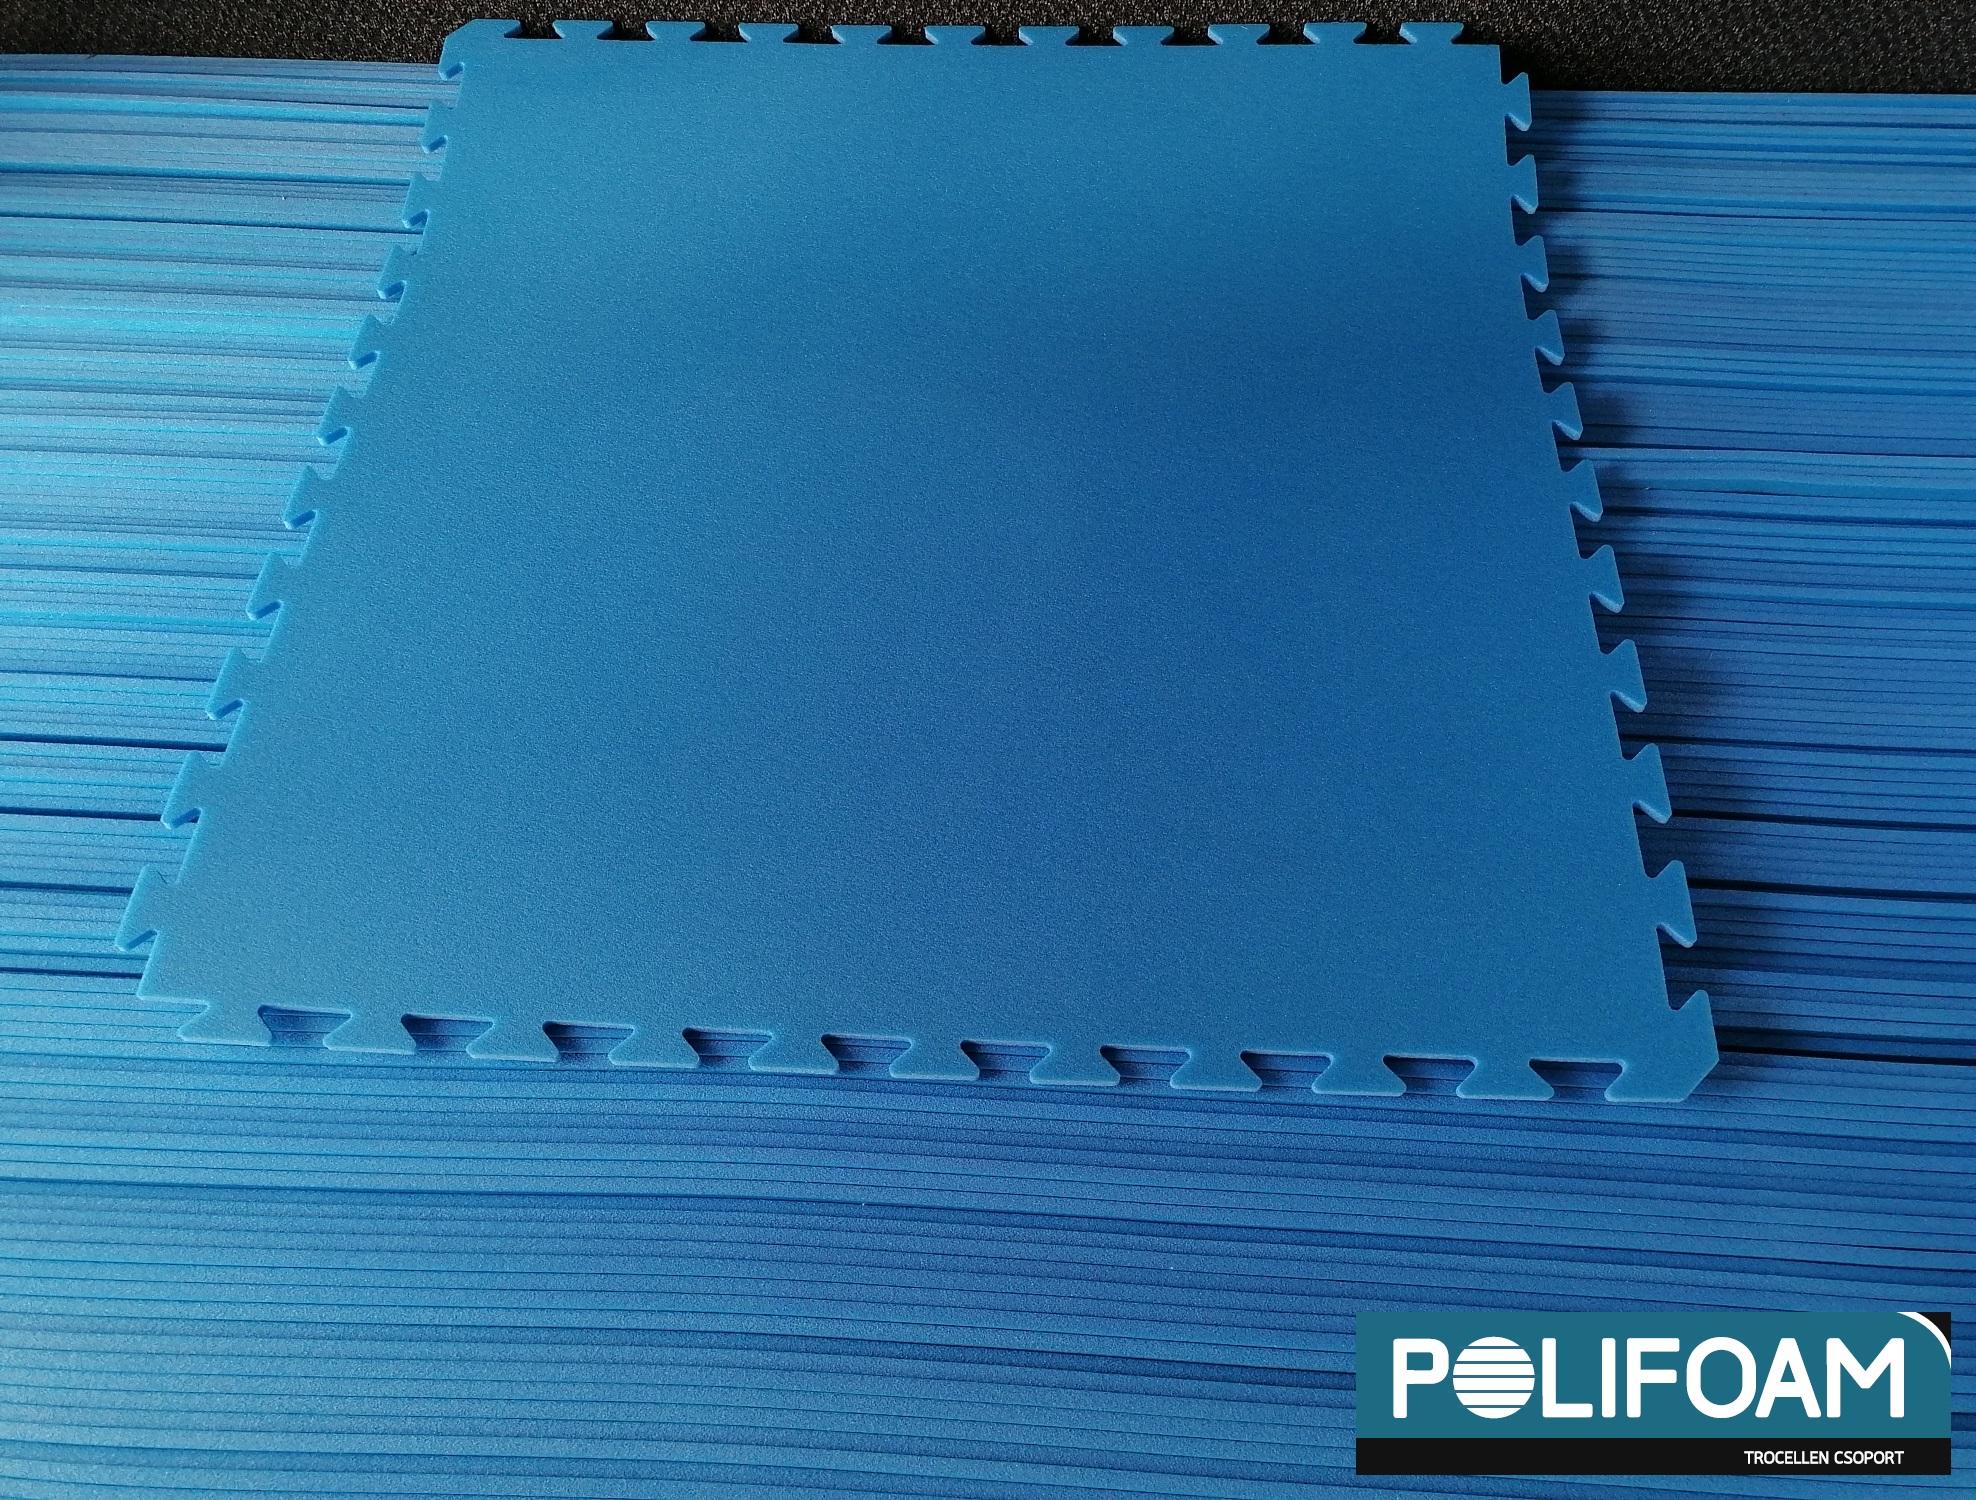 Polifoam-medence-alatet-1